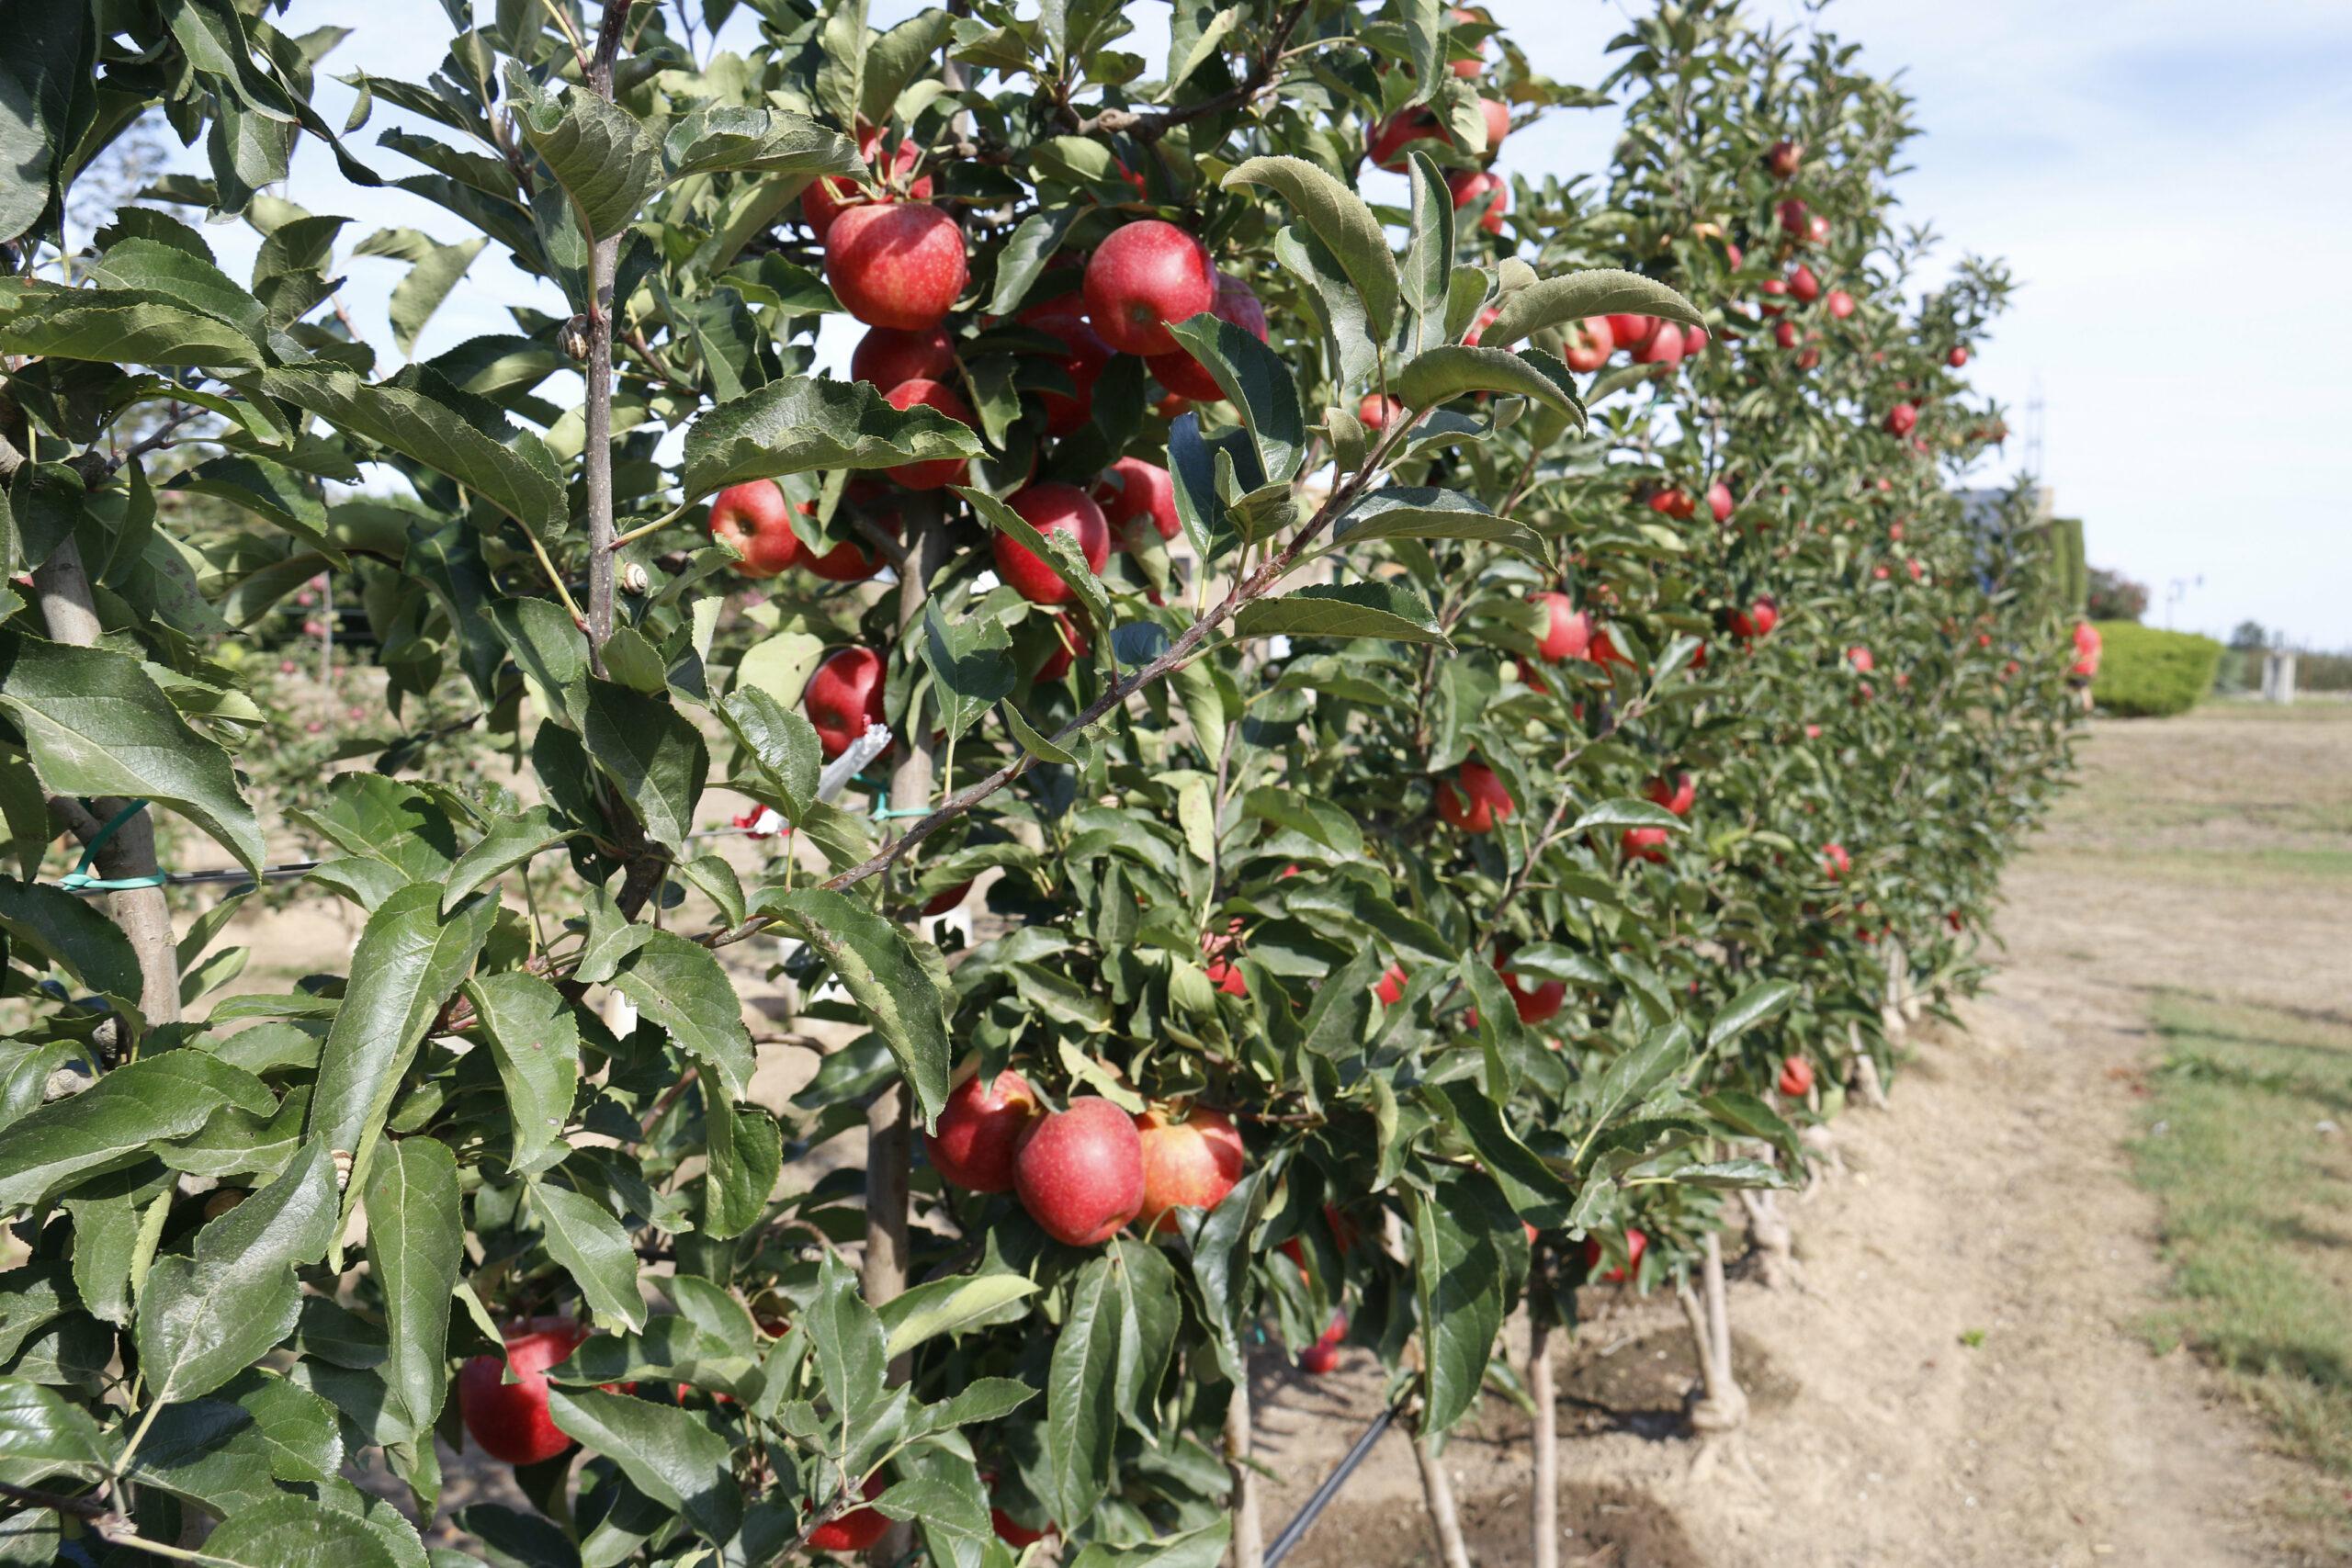 Una de les pomeres a punt per començar la recollida en una de les plantacions de Poma de Girona | ACN